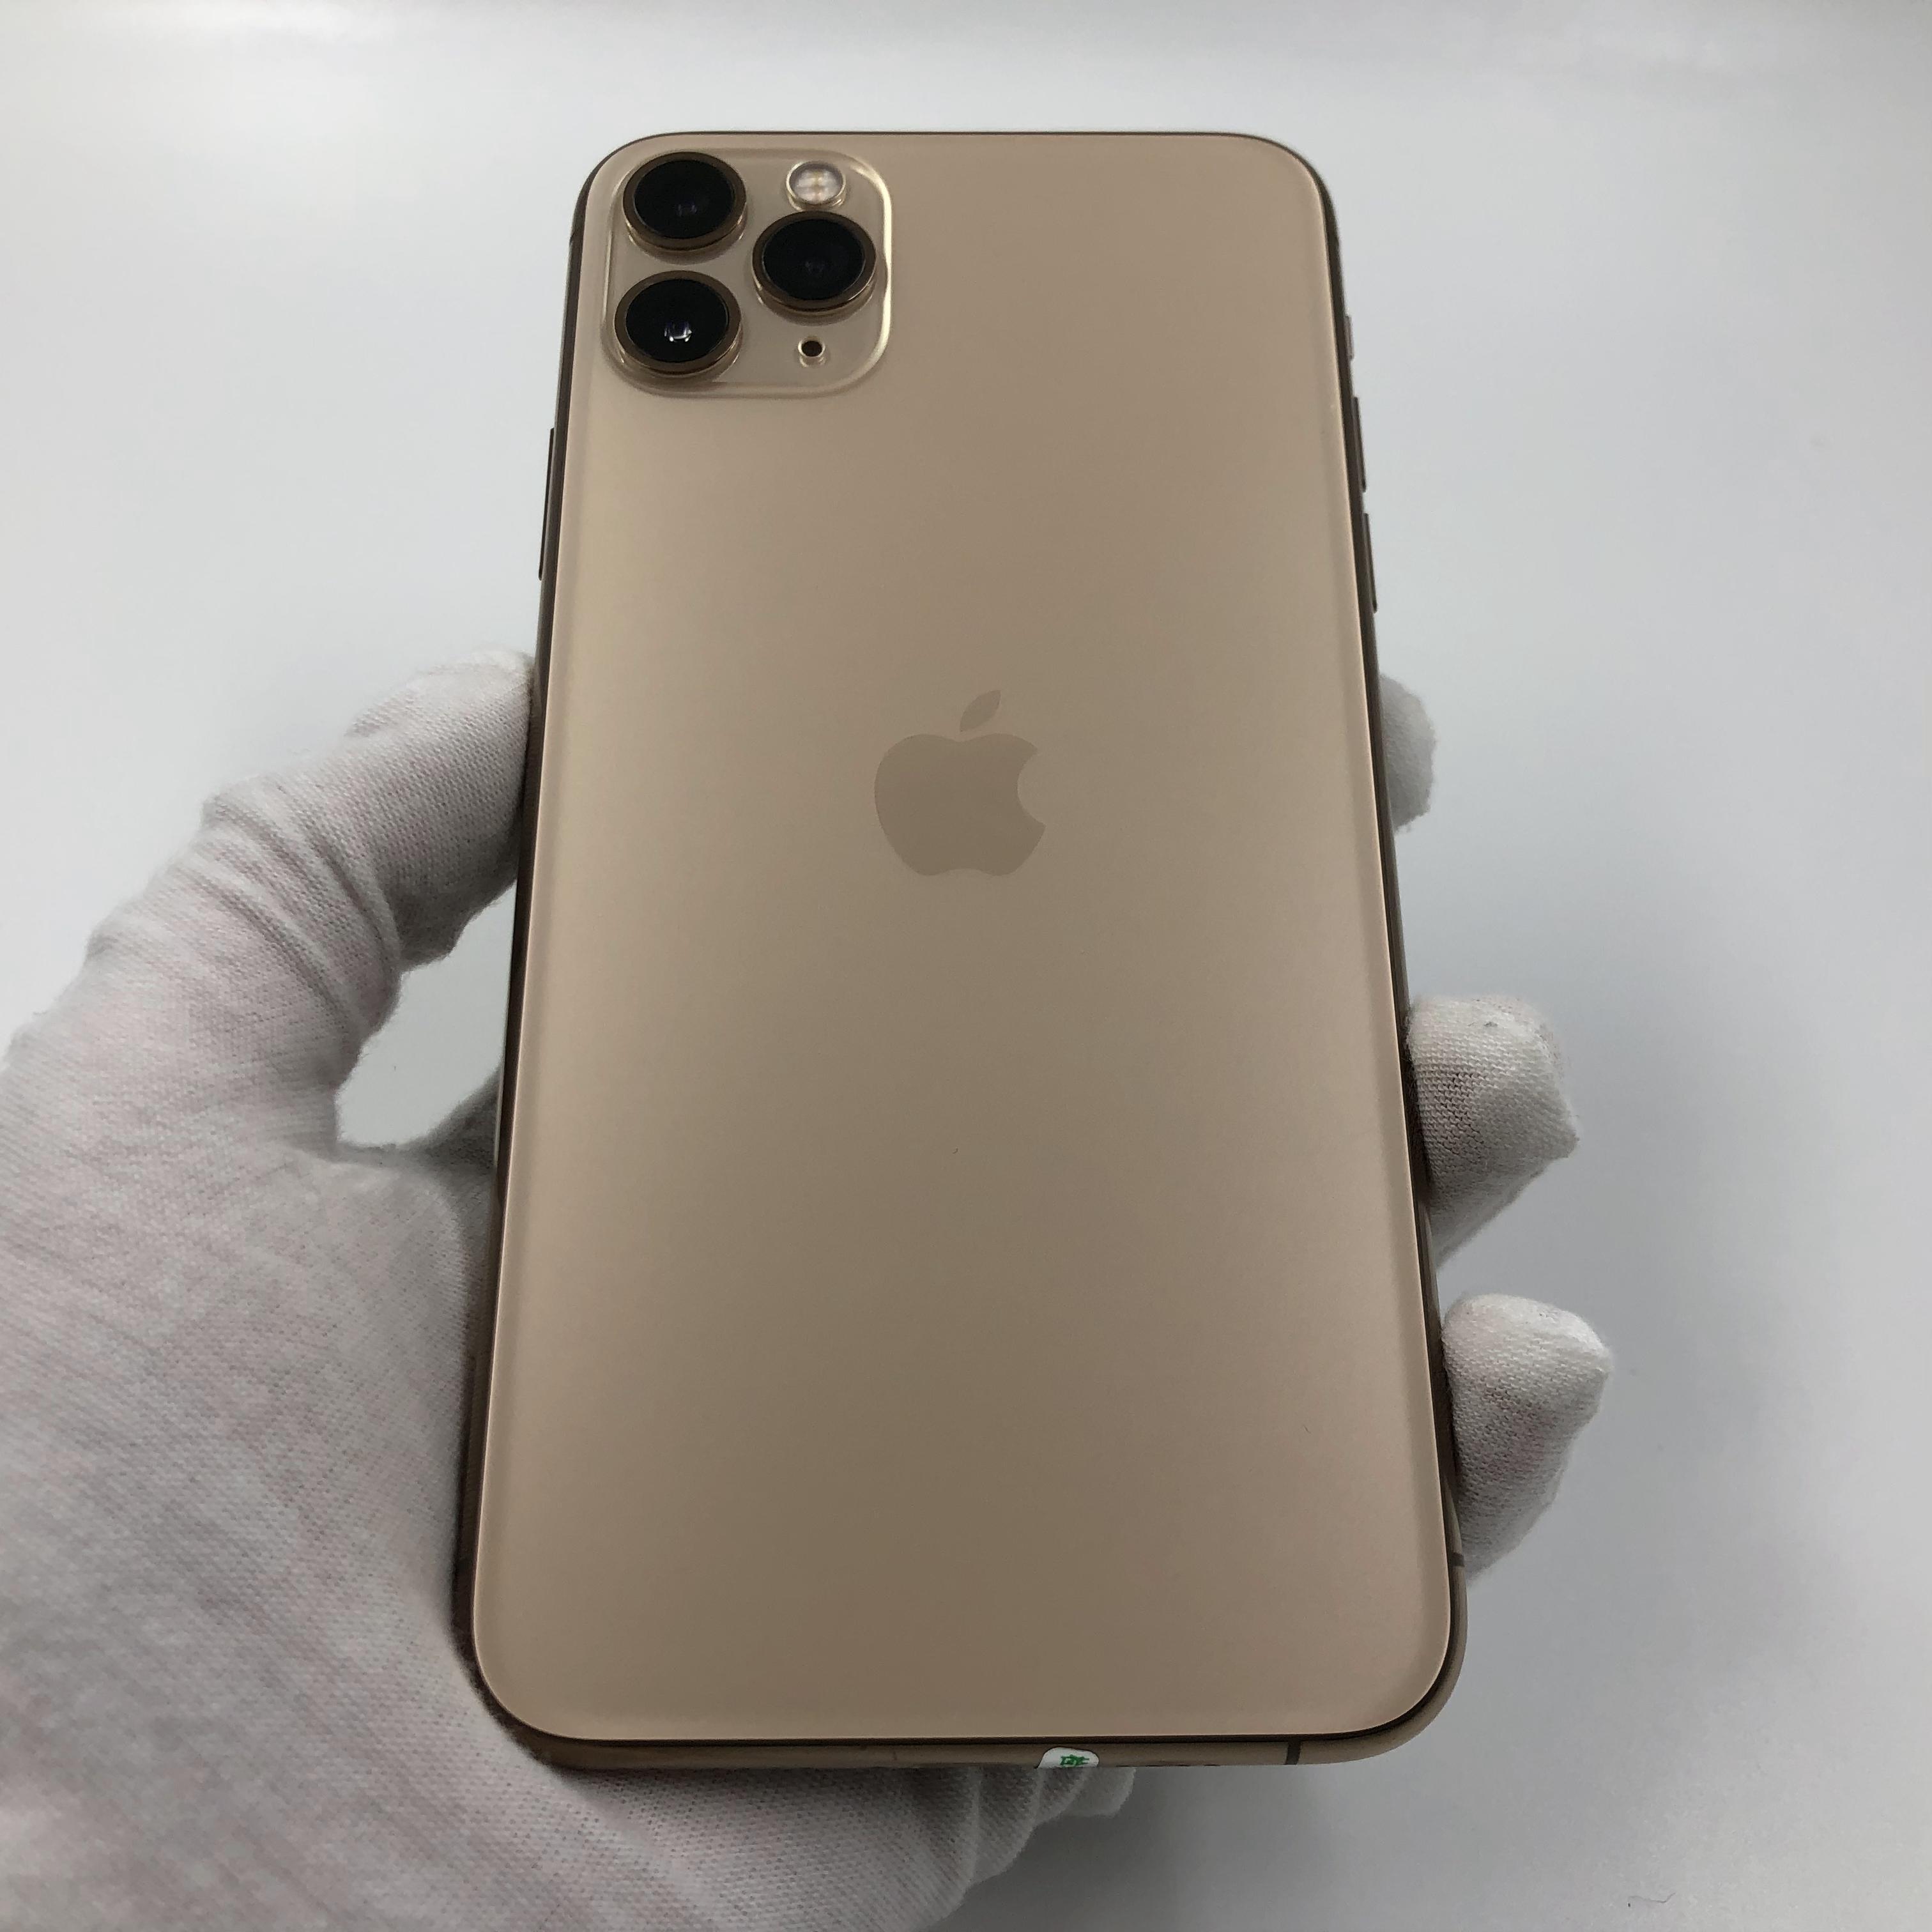 苹果【iPhone 11 Pro Max】4G全网通 金色 64G 国行 95新 真机实拍